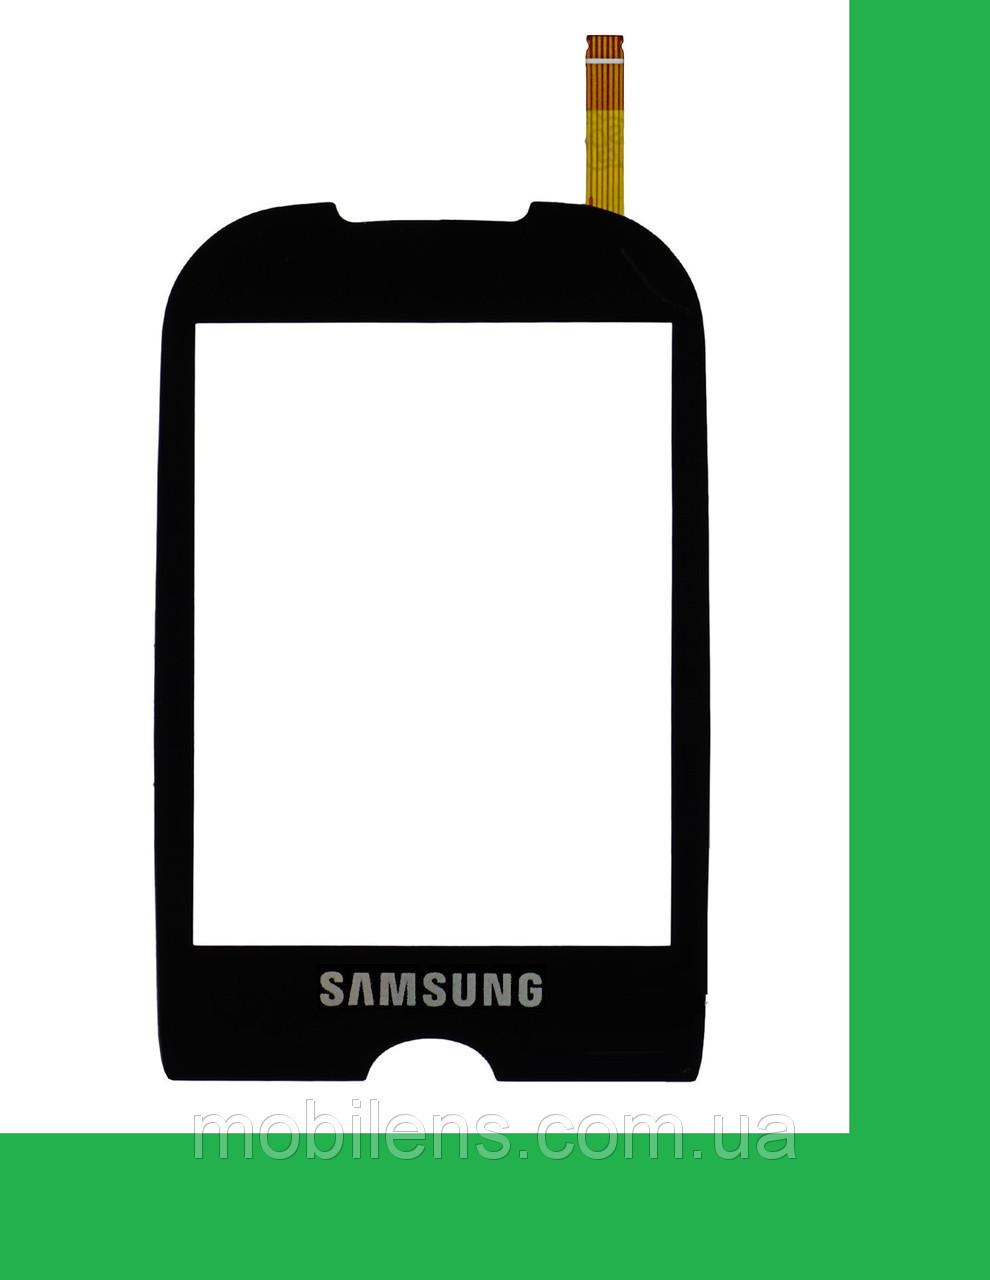 Samsung S3650 Тачскрин (сенсор) черный